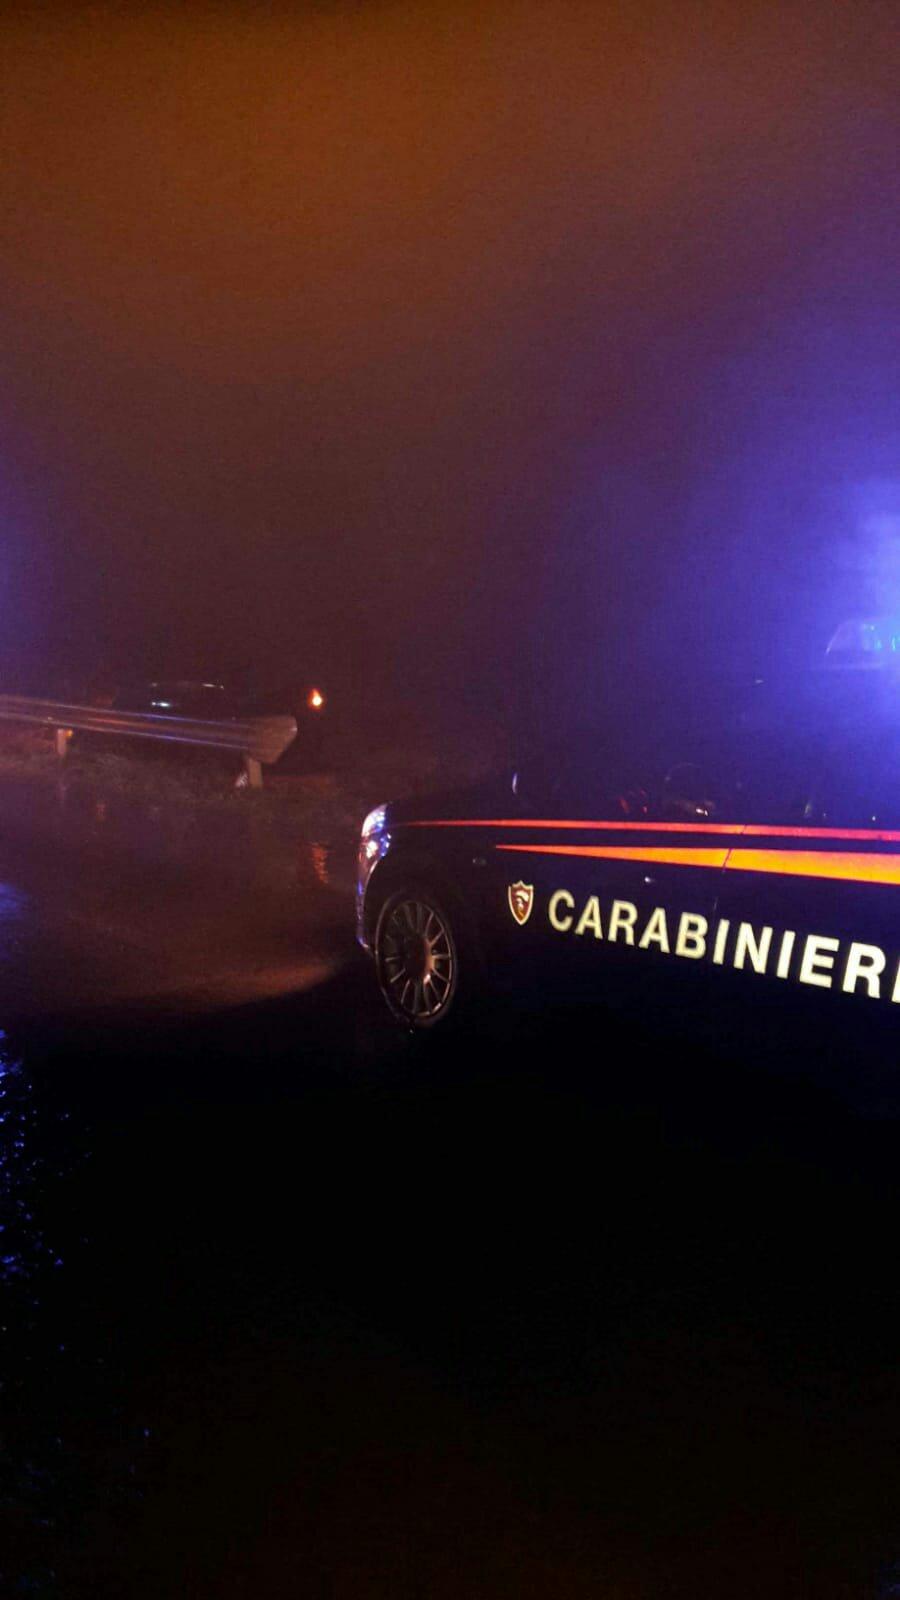 Un 38enne di Carbonia è uscito di strada a Caput Acquas, sulla SP 85 invasa dall'acqua ed è riuscito a mettersi in salvo prima dell'arrivo dei soccorsi.